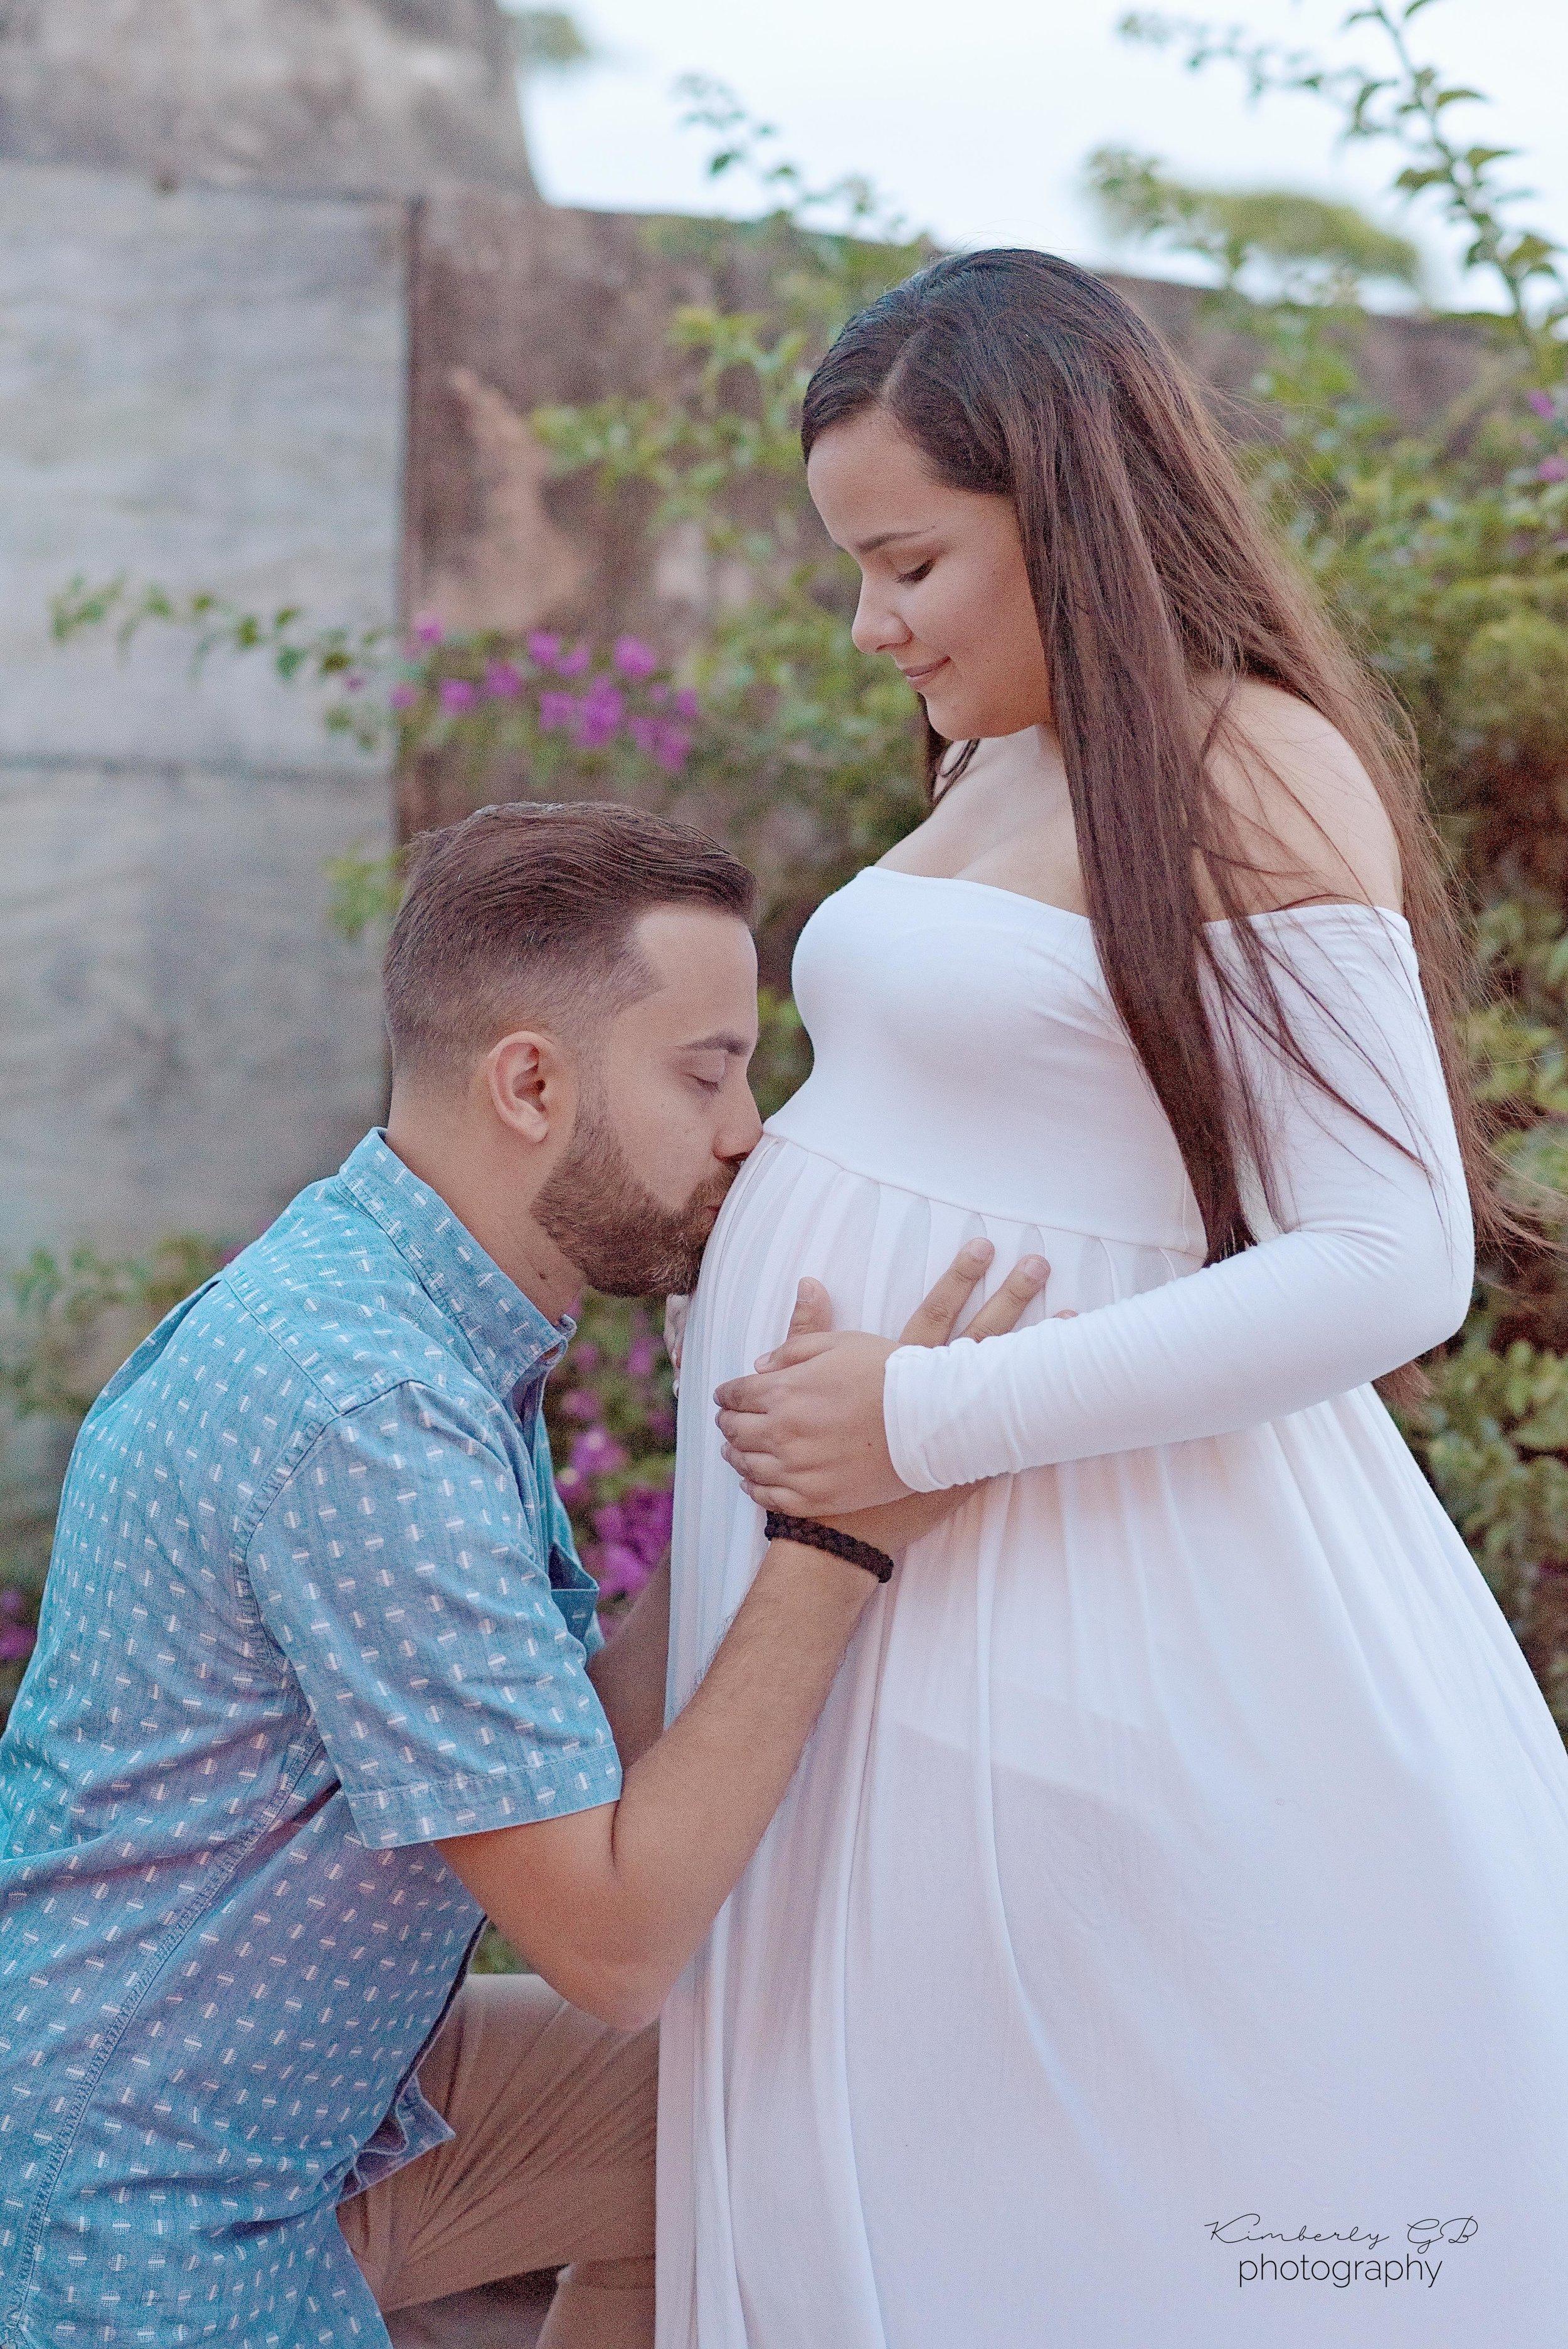 fotografia-fotografa-de-maternidad-embarazo-embarazada-en-puerto-rico-fotografia-114.jpg